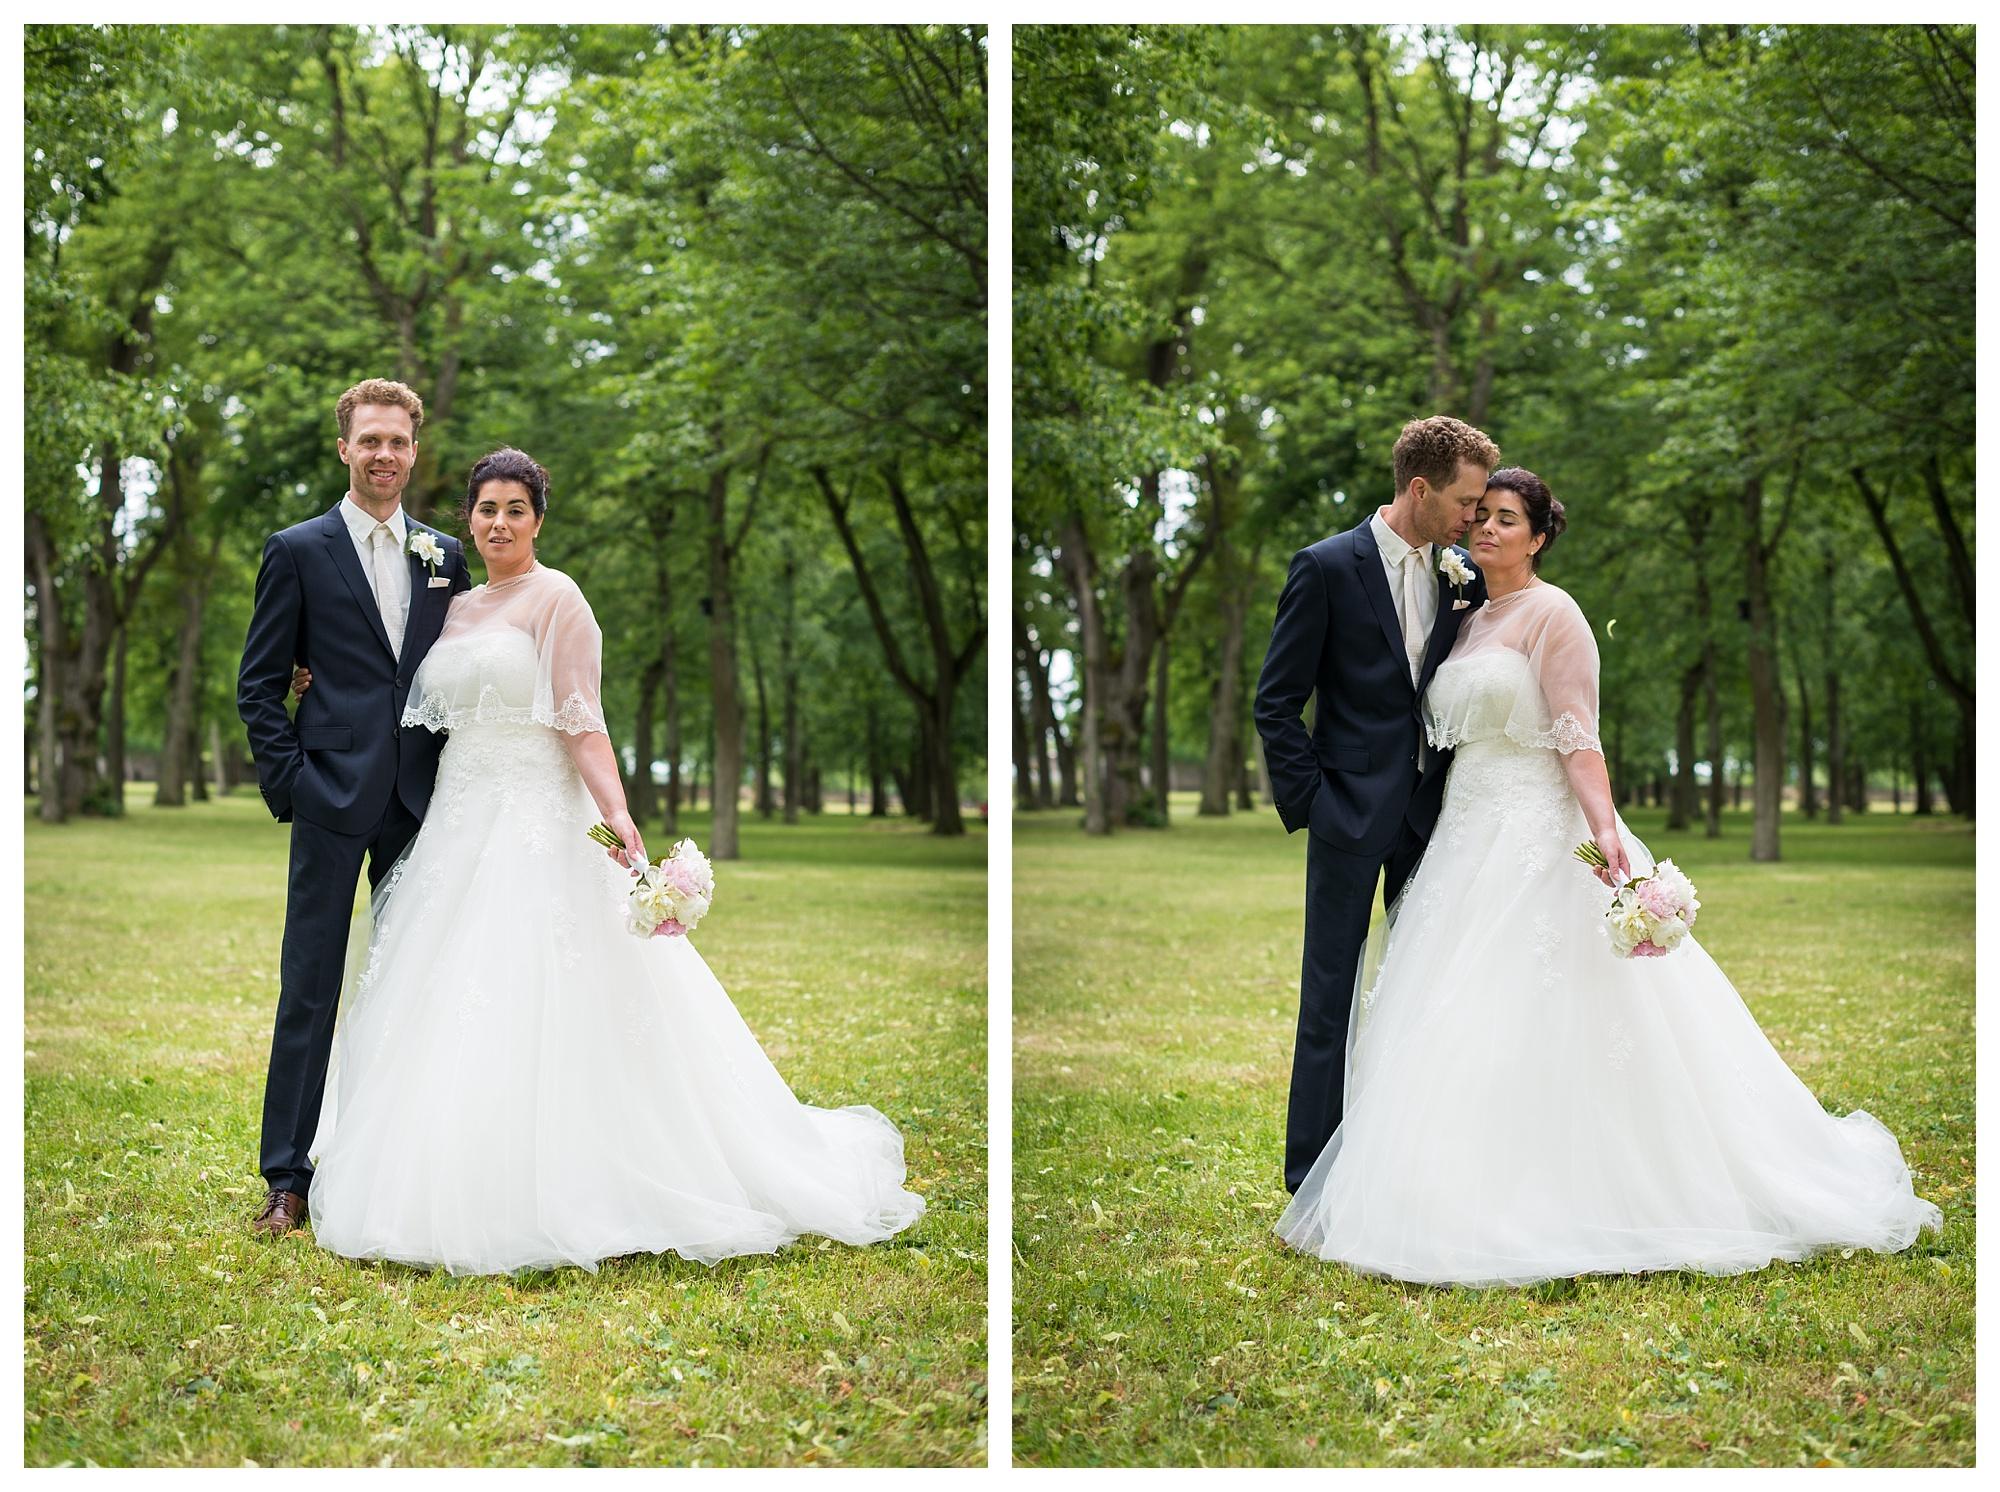 Fotograf Konstanz - Hochzeit Tanja Elmar Elmar Feuerbacher Photography Konstanz Messkirch Highlights 075 - Hochzeitsreportage von Tanja und Elmar im Schloss Meßkirch  - 72 -